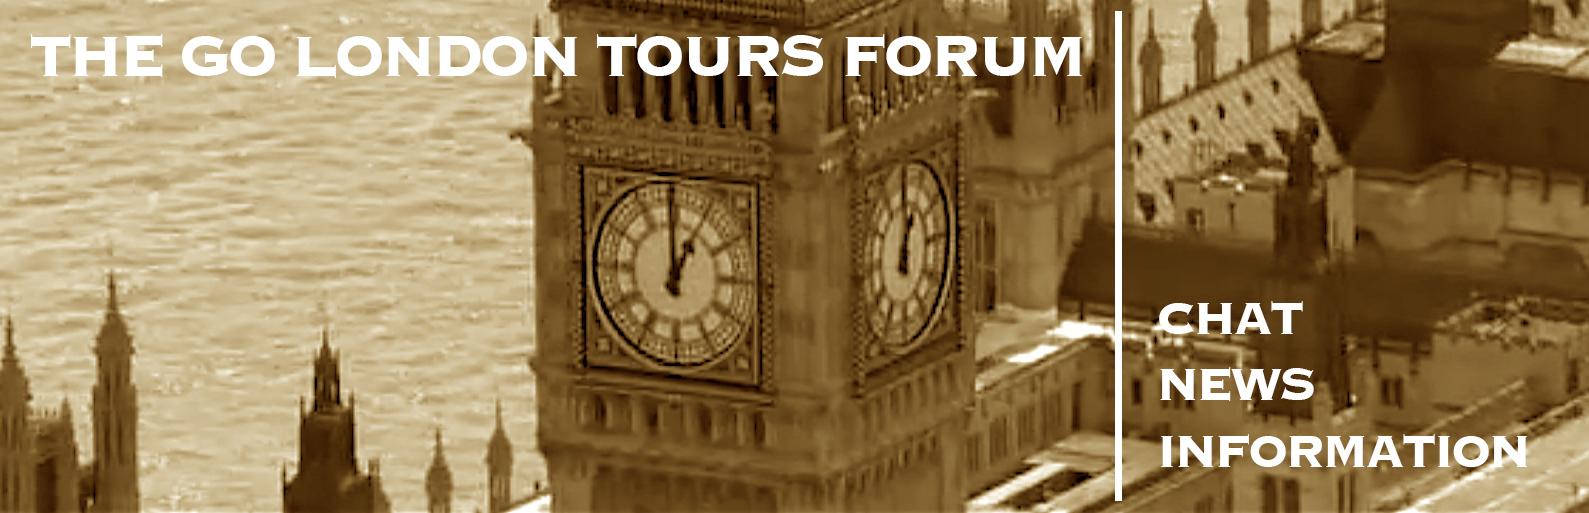 forum-banner